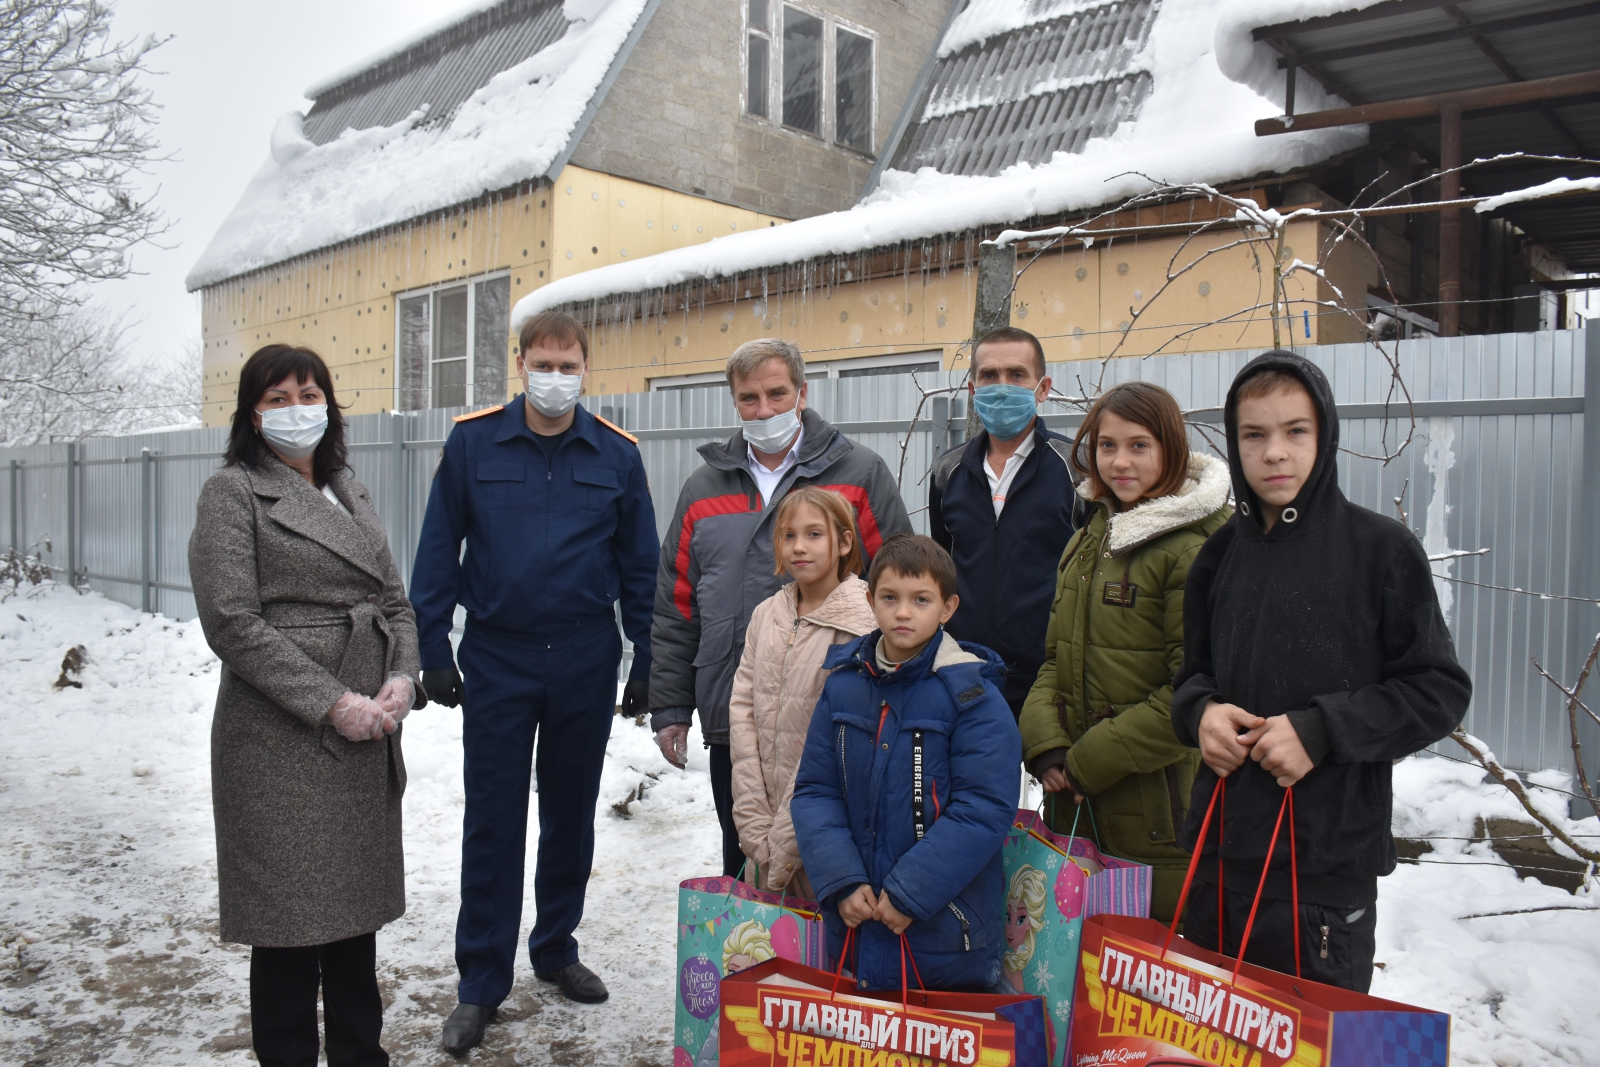 Сотрудник следственного управления СКР по Краснодарскому краю поздравил детей из многодетных семей с новогодними праздниками